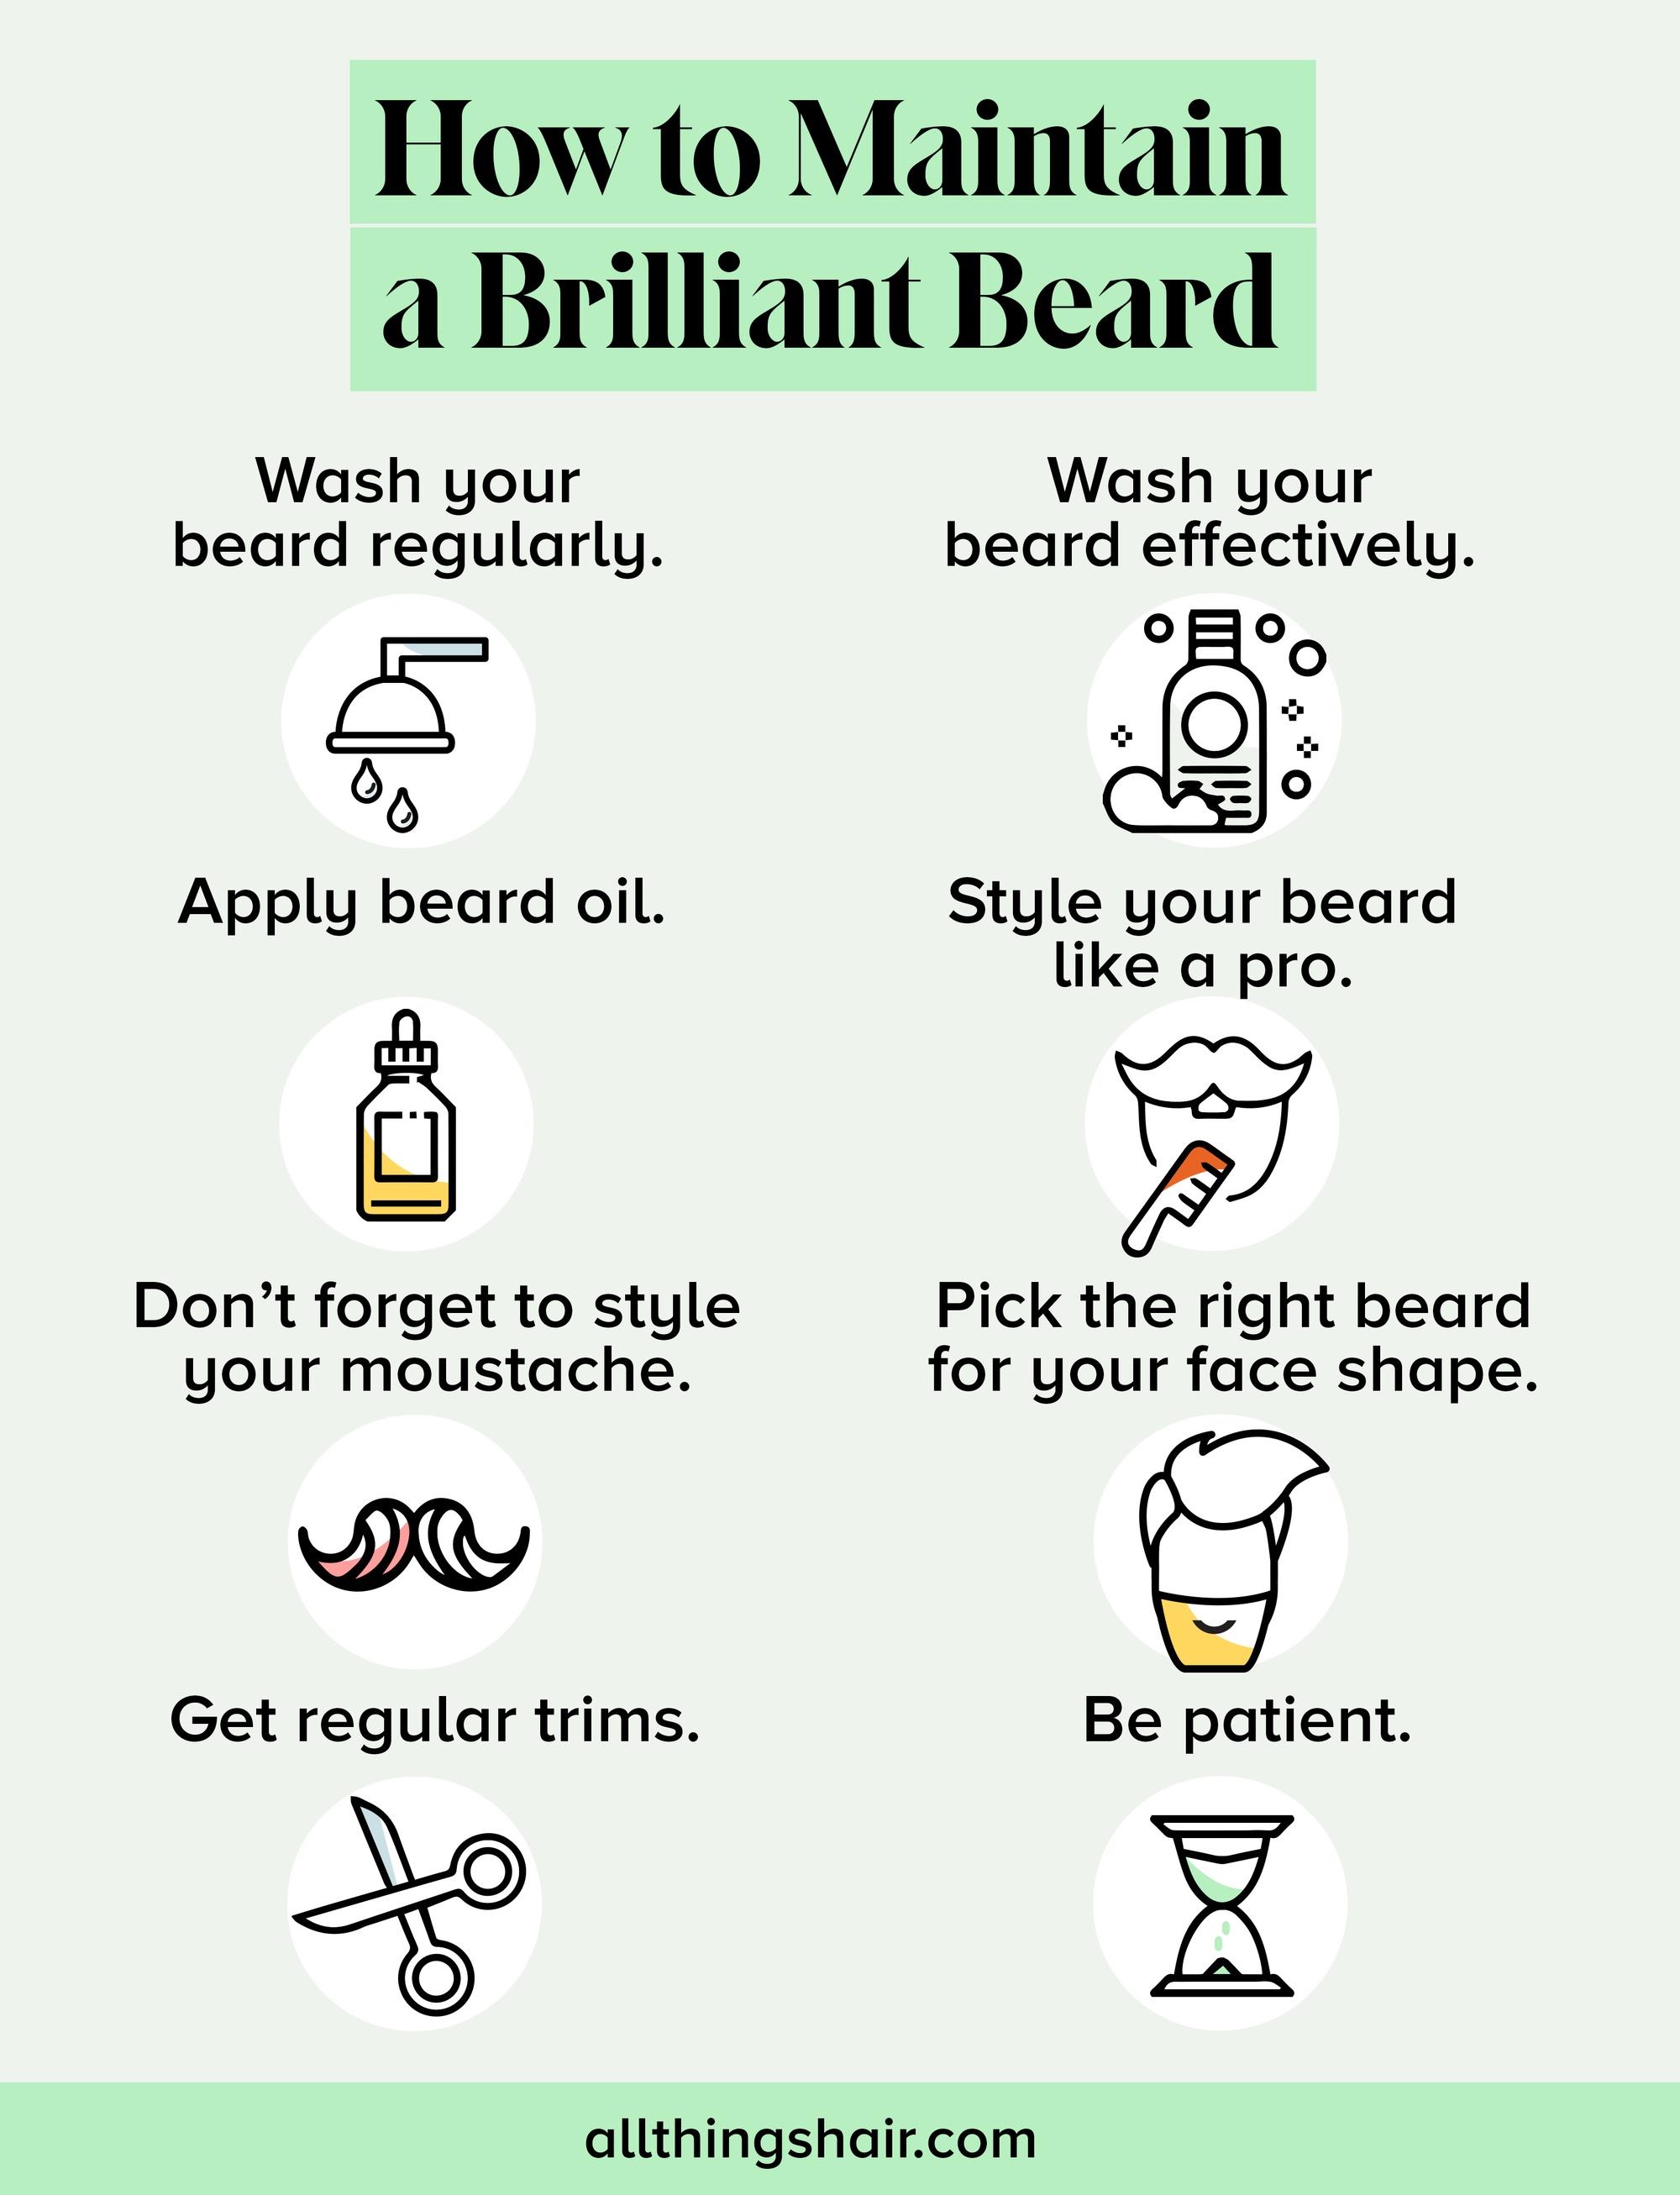 Conseils pour le toilettage de la barbe Infrographie